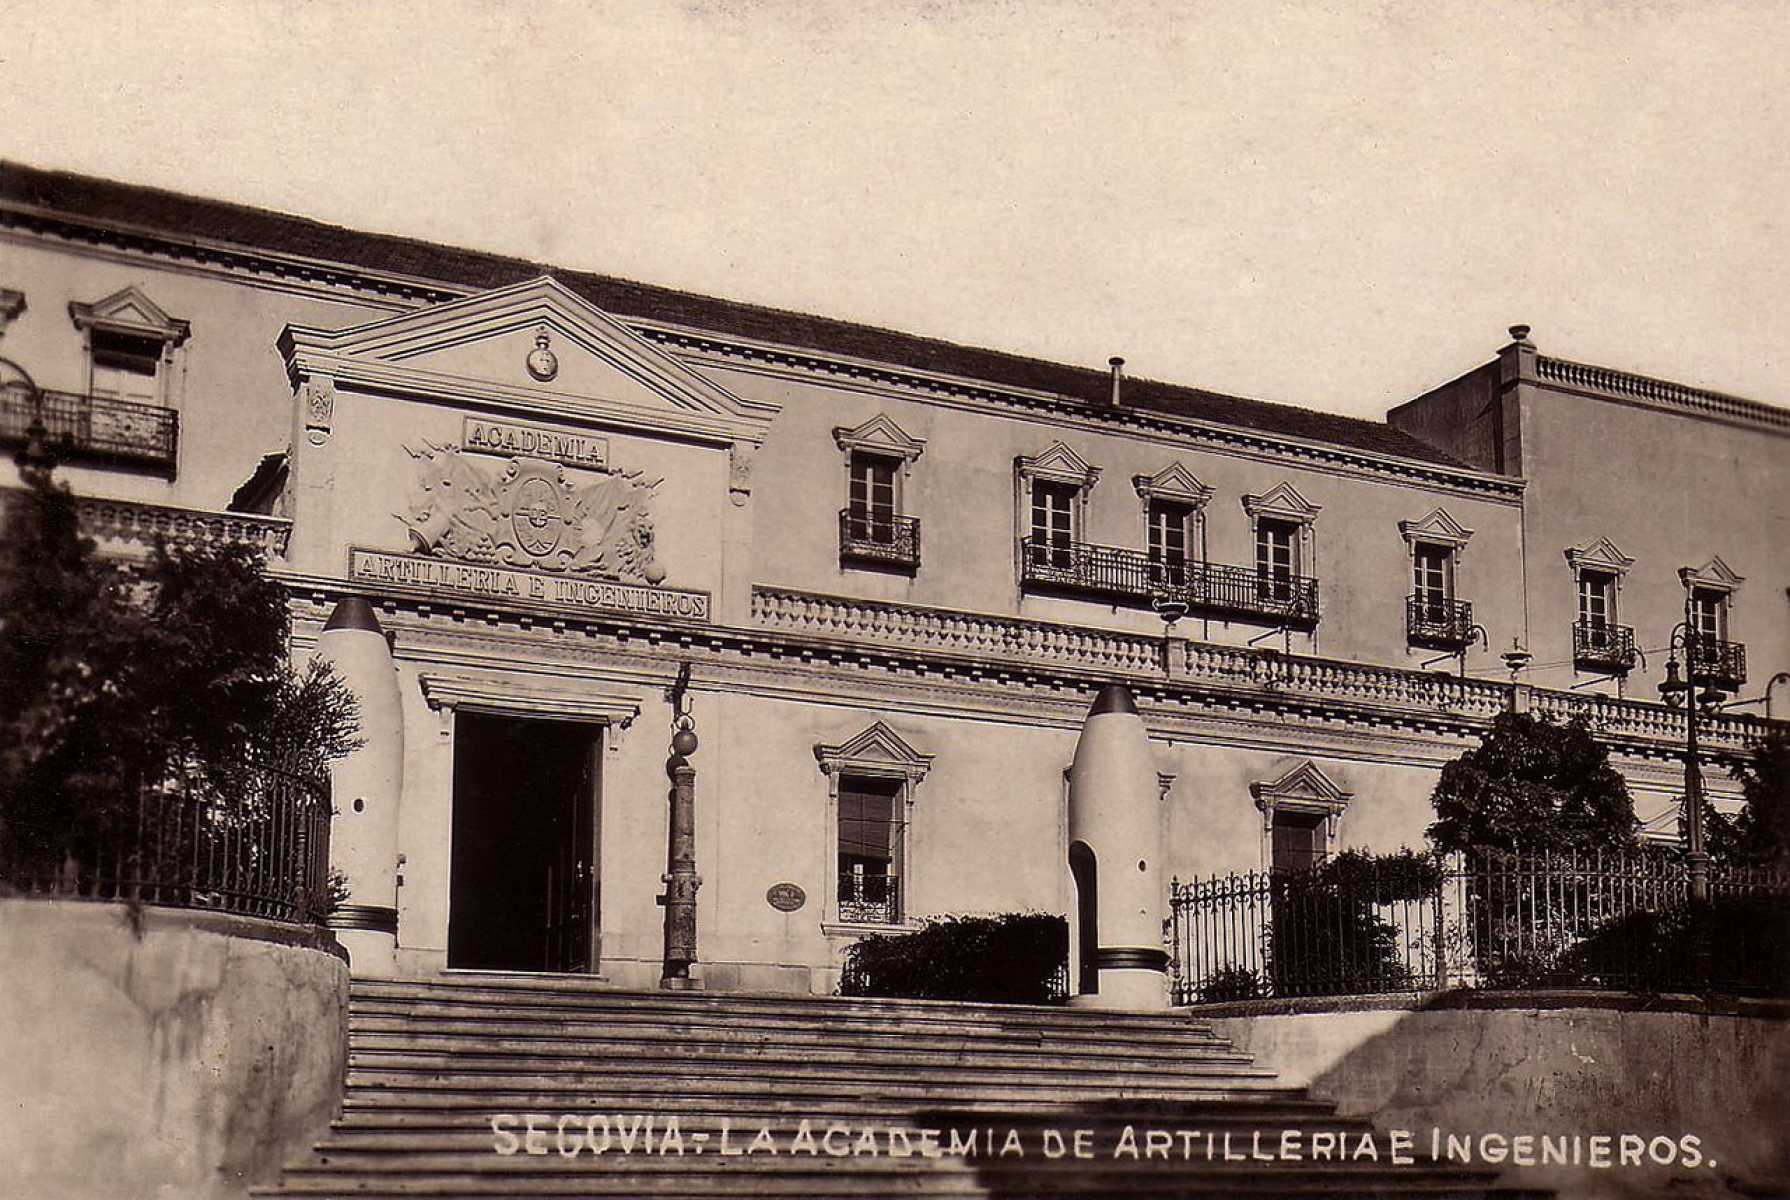 31.- Academia de Artilleria, Secretaria del Arma